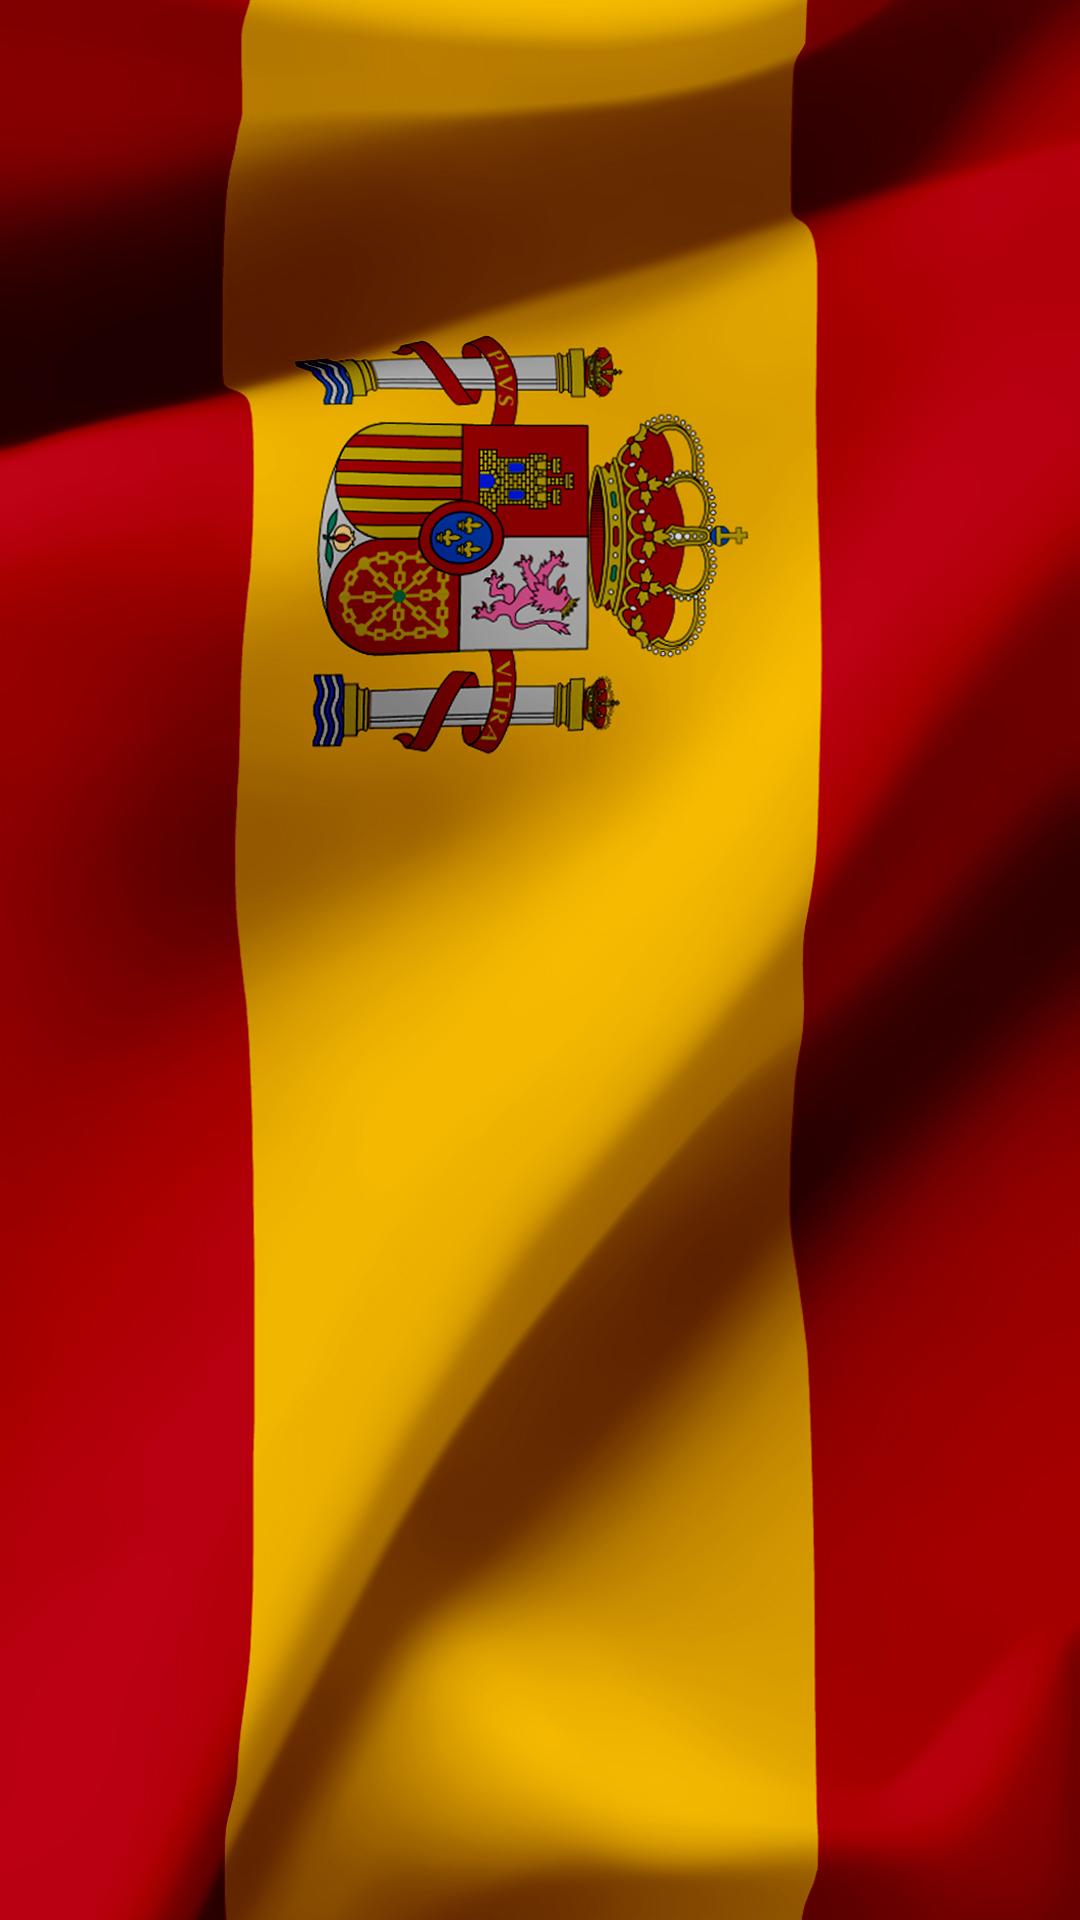 スペインの国旗 Pc スマートフォンの壁紙 スマートマイズ